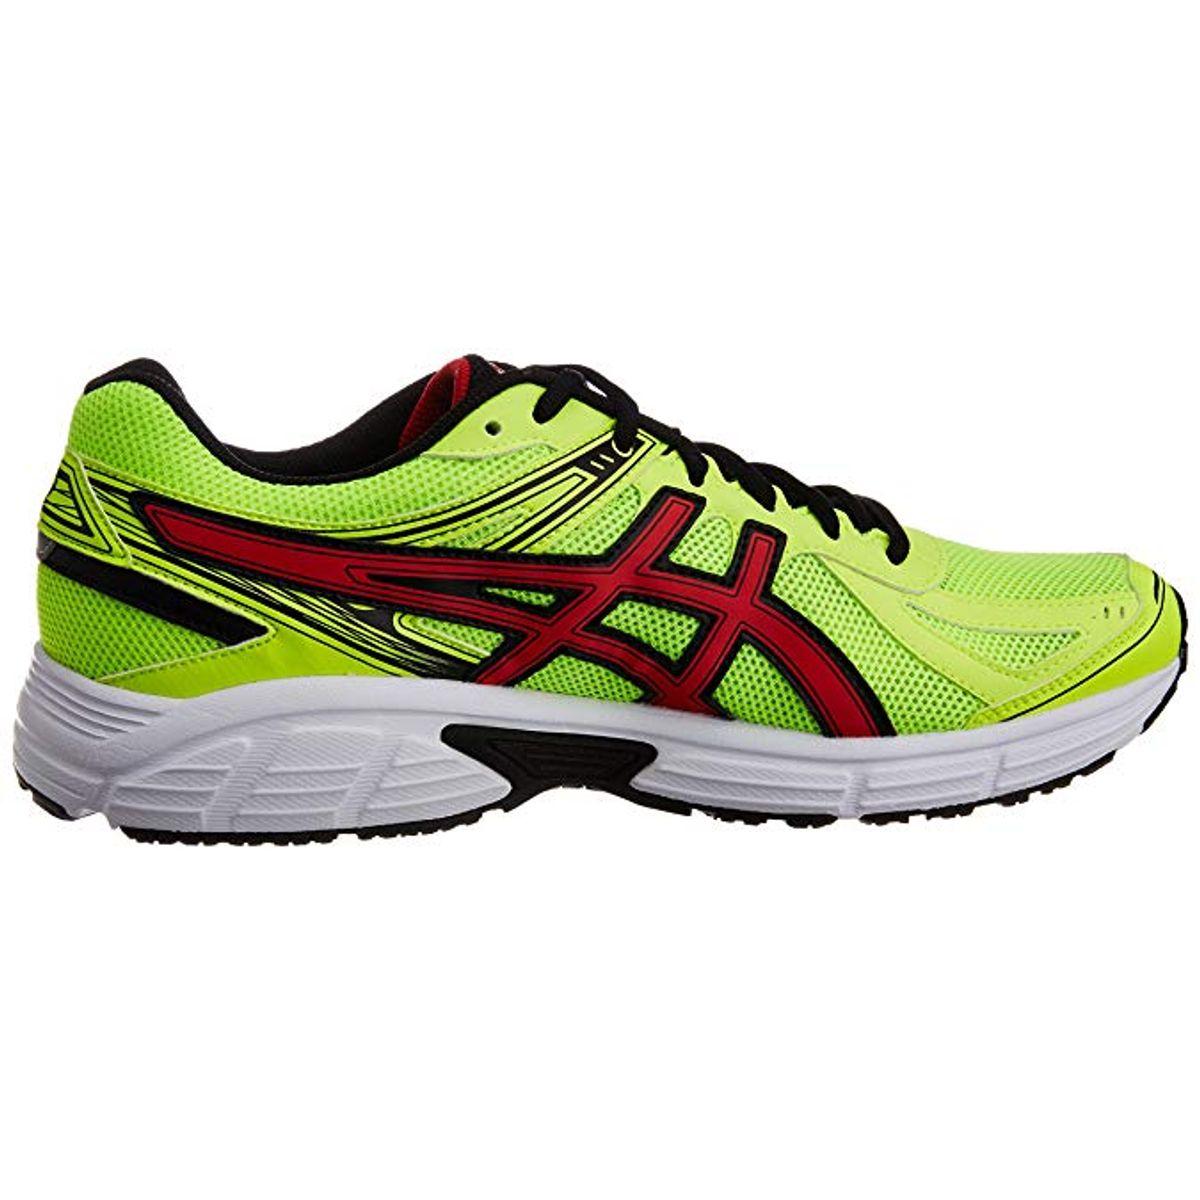 Tenis-ASICS-Patriot-7---Amarelo-Vermelho-e-Preto---Masculino